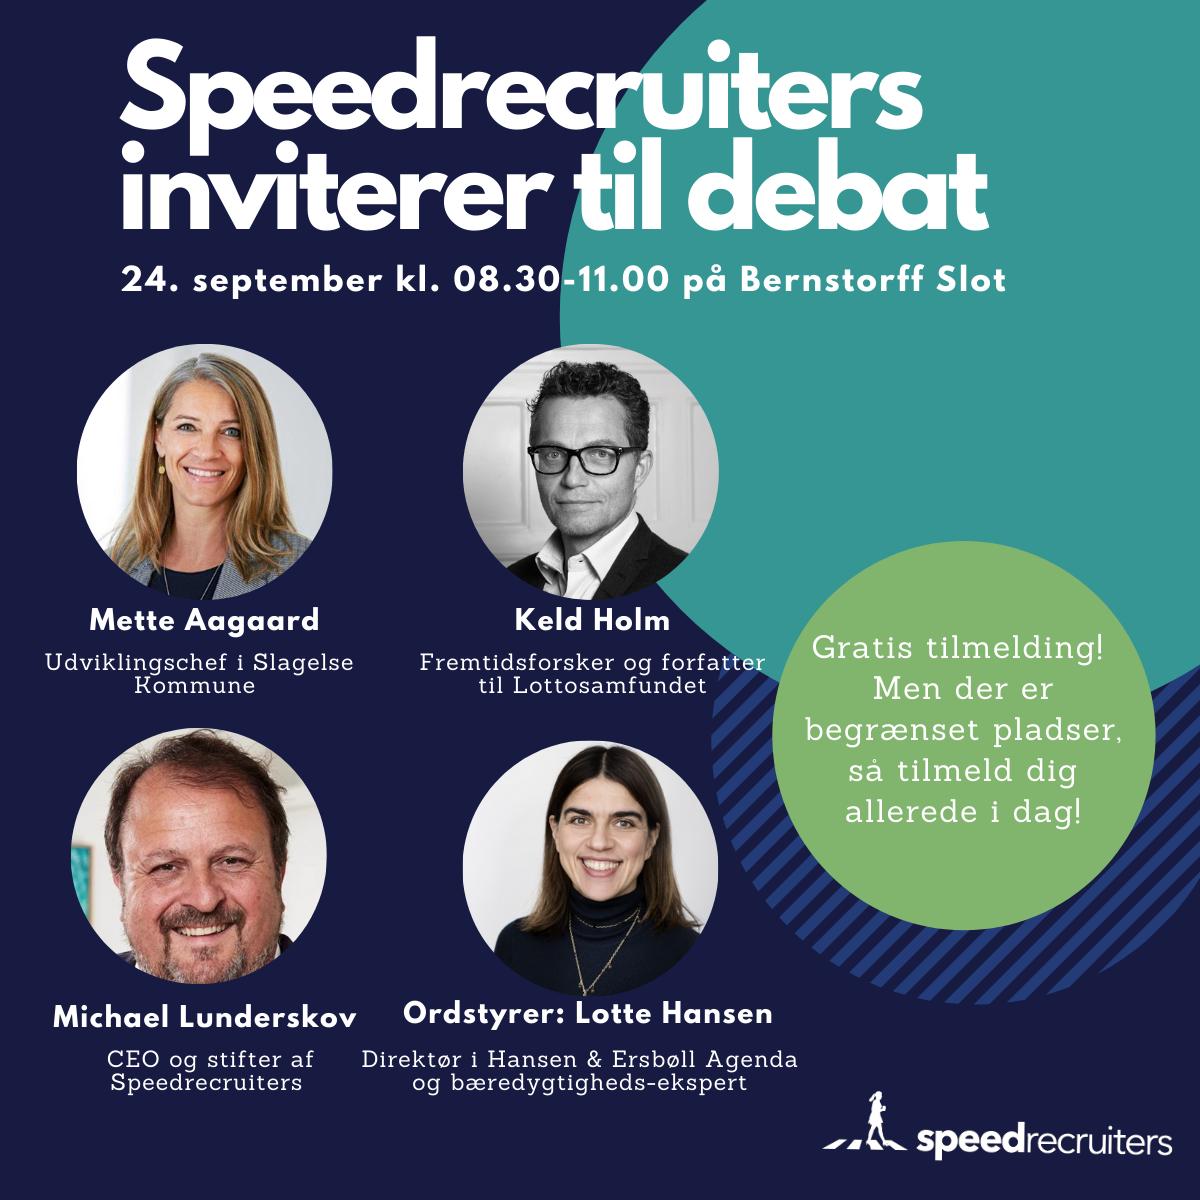 Speedrecruiters inviterer til debat!